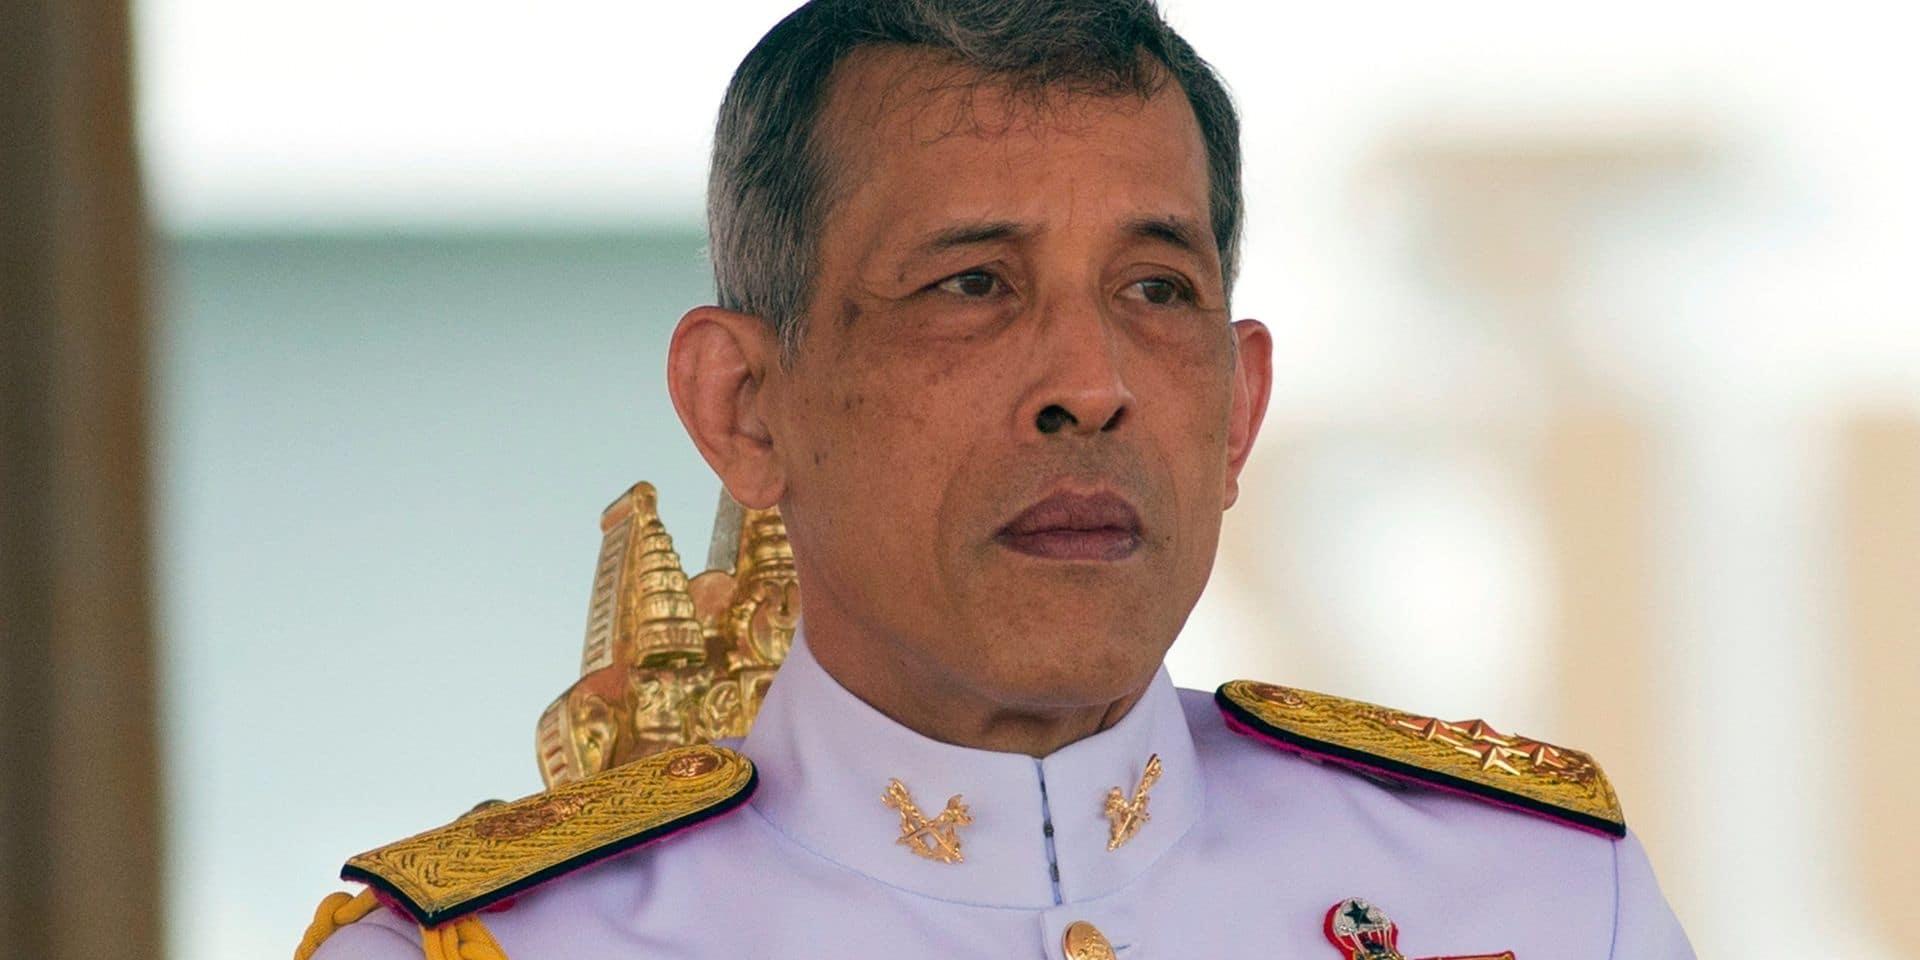 Le roi de Thaïlande quitte finalement son harem... pour aller fêter l'anniversaire de sa femme